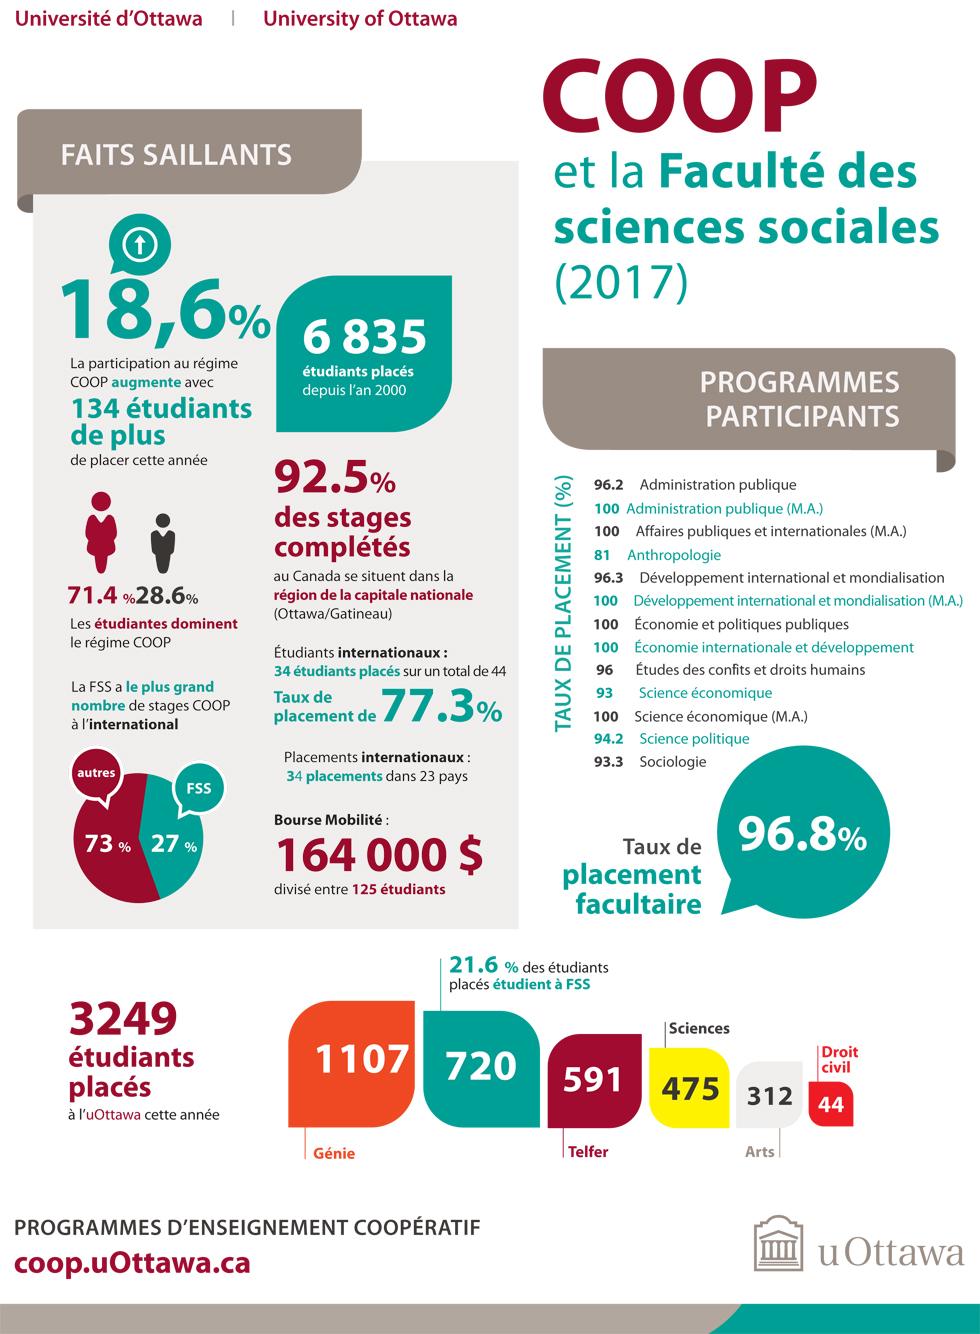 Infographique COOP et la Faculté des sciences sociales 2017